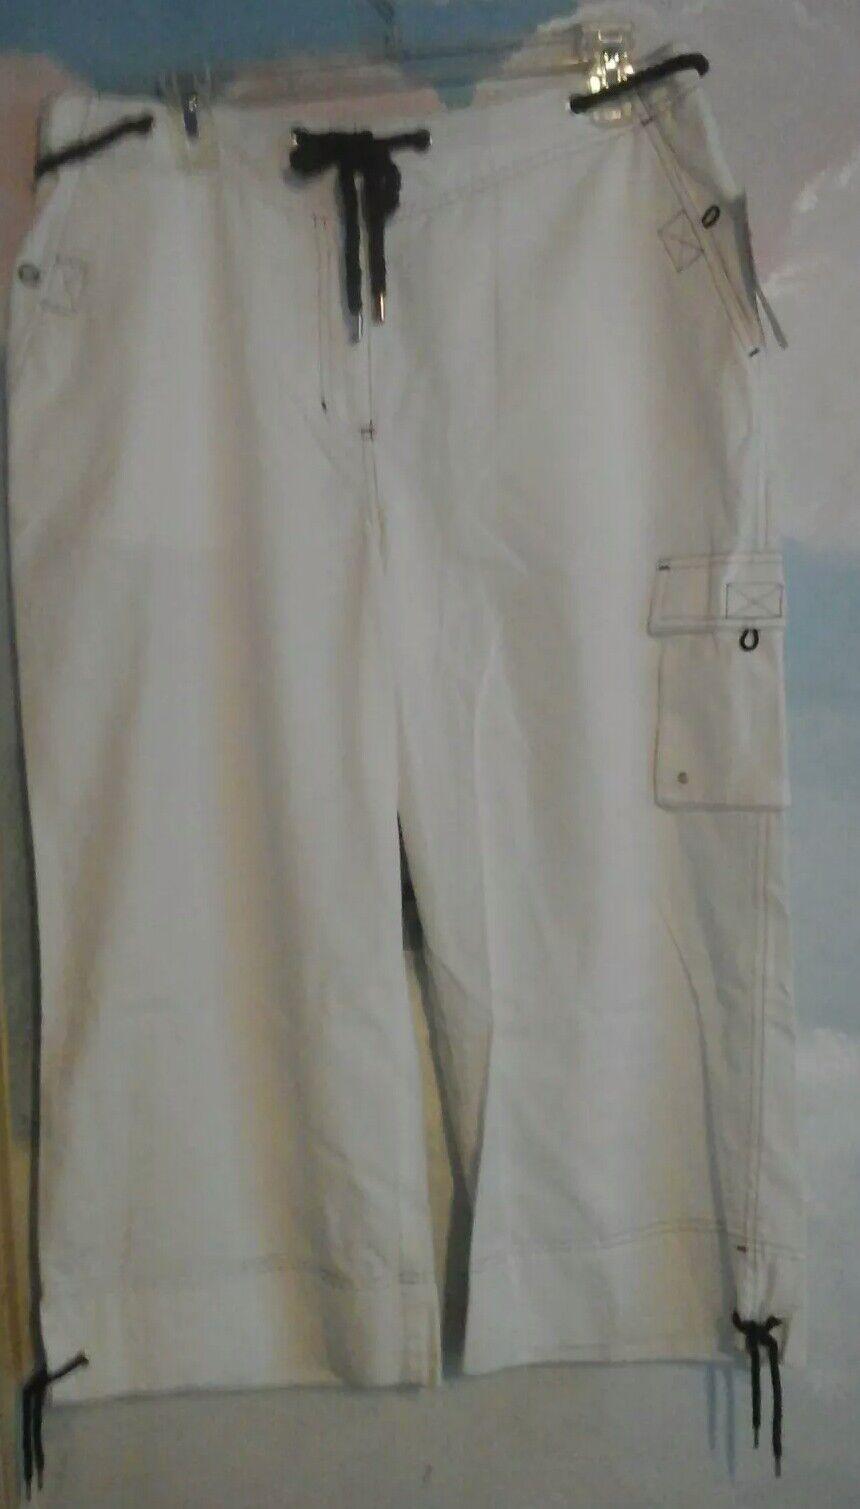 Ralph Lauren Capri Pants In 100% Cotton In White, 12